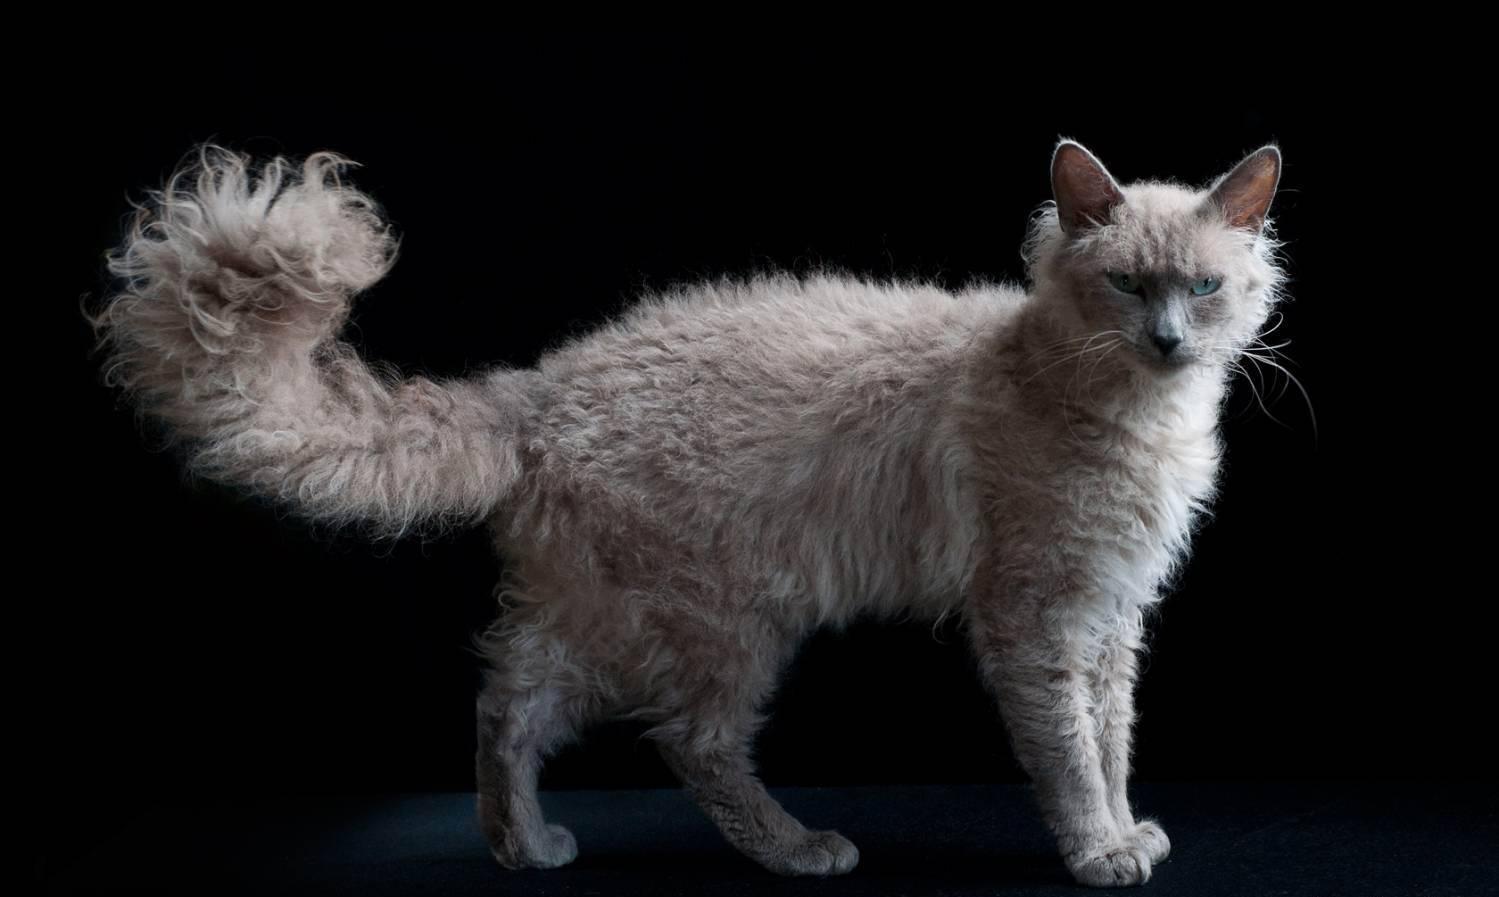 Ла-перм: описание породы кошек, фото и видео материалы, отзывы о породе